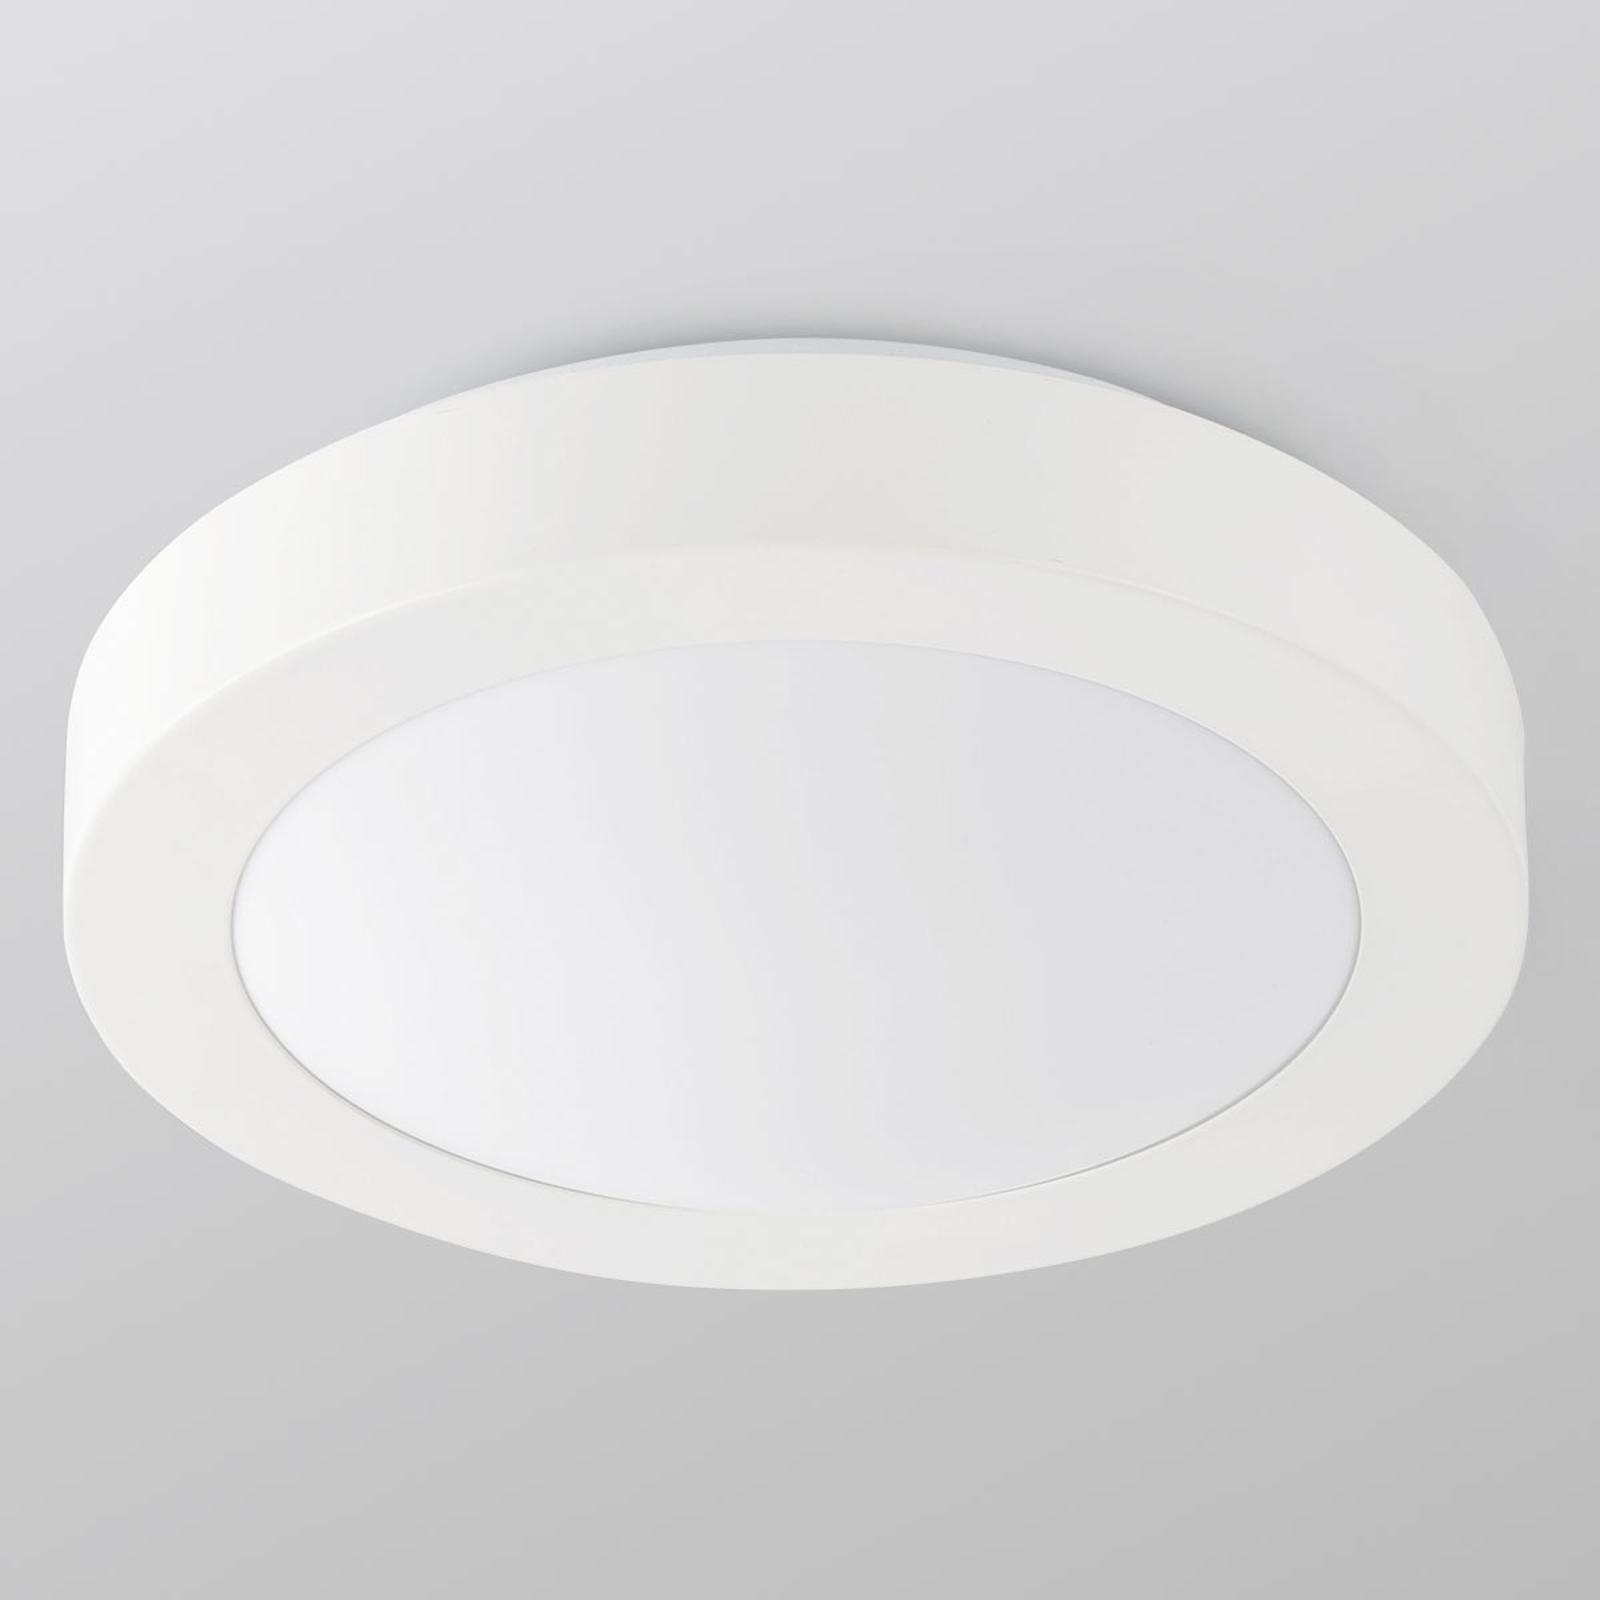 Logos - runde Badezimmer-Deckenlampe Ø 35 cm